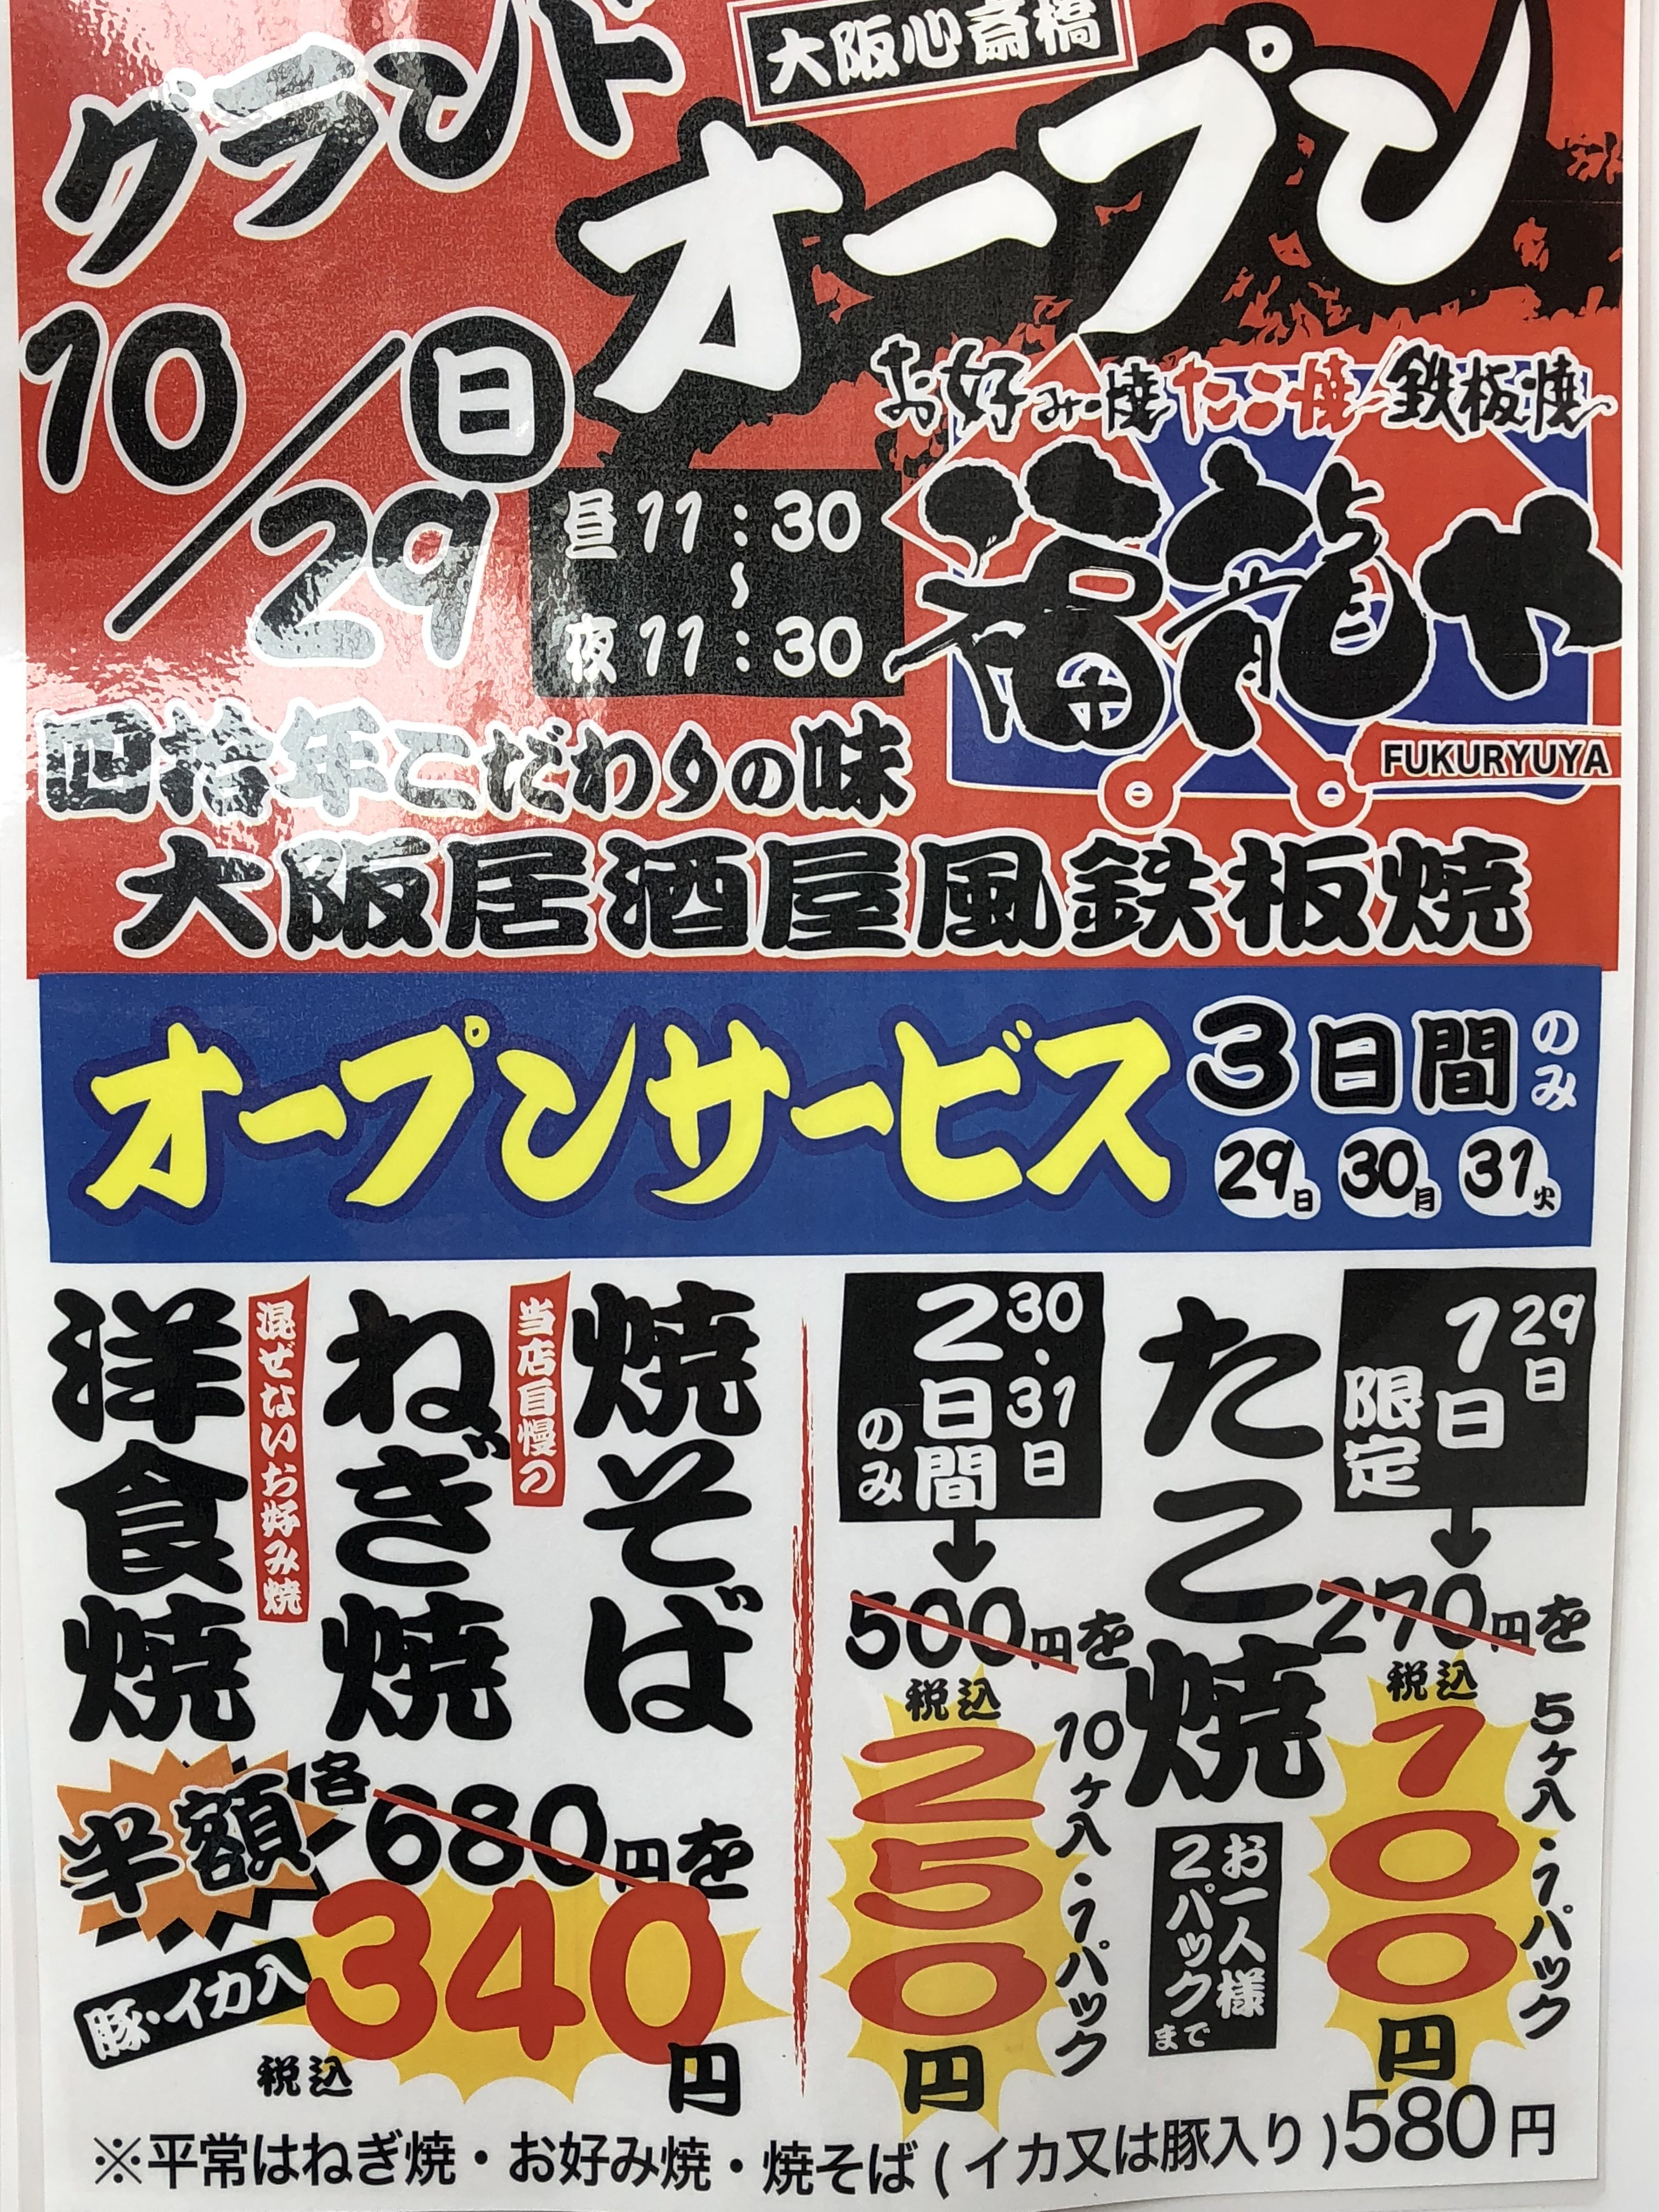 神戸・甲南本通商店街西側「お好み焼・たこ焼・鉄板焼の福龍や」さんが10/29(日)オープン!26日~28日は半額ご試食セールも開催されるよ! #甲南本通商店街 #福龍や